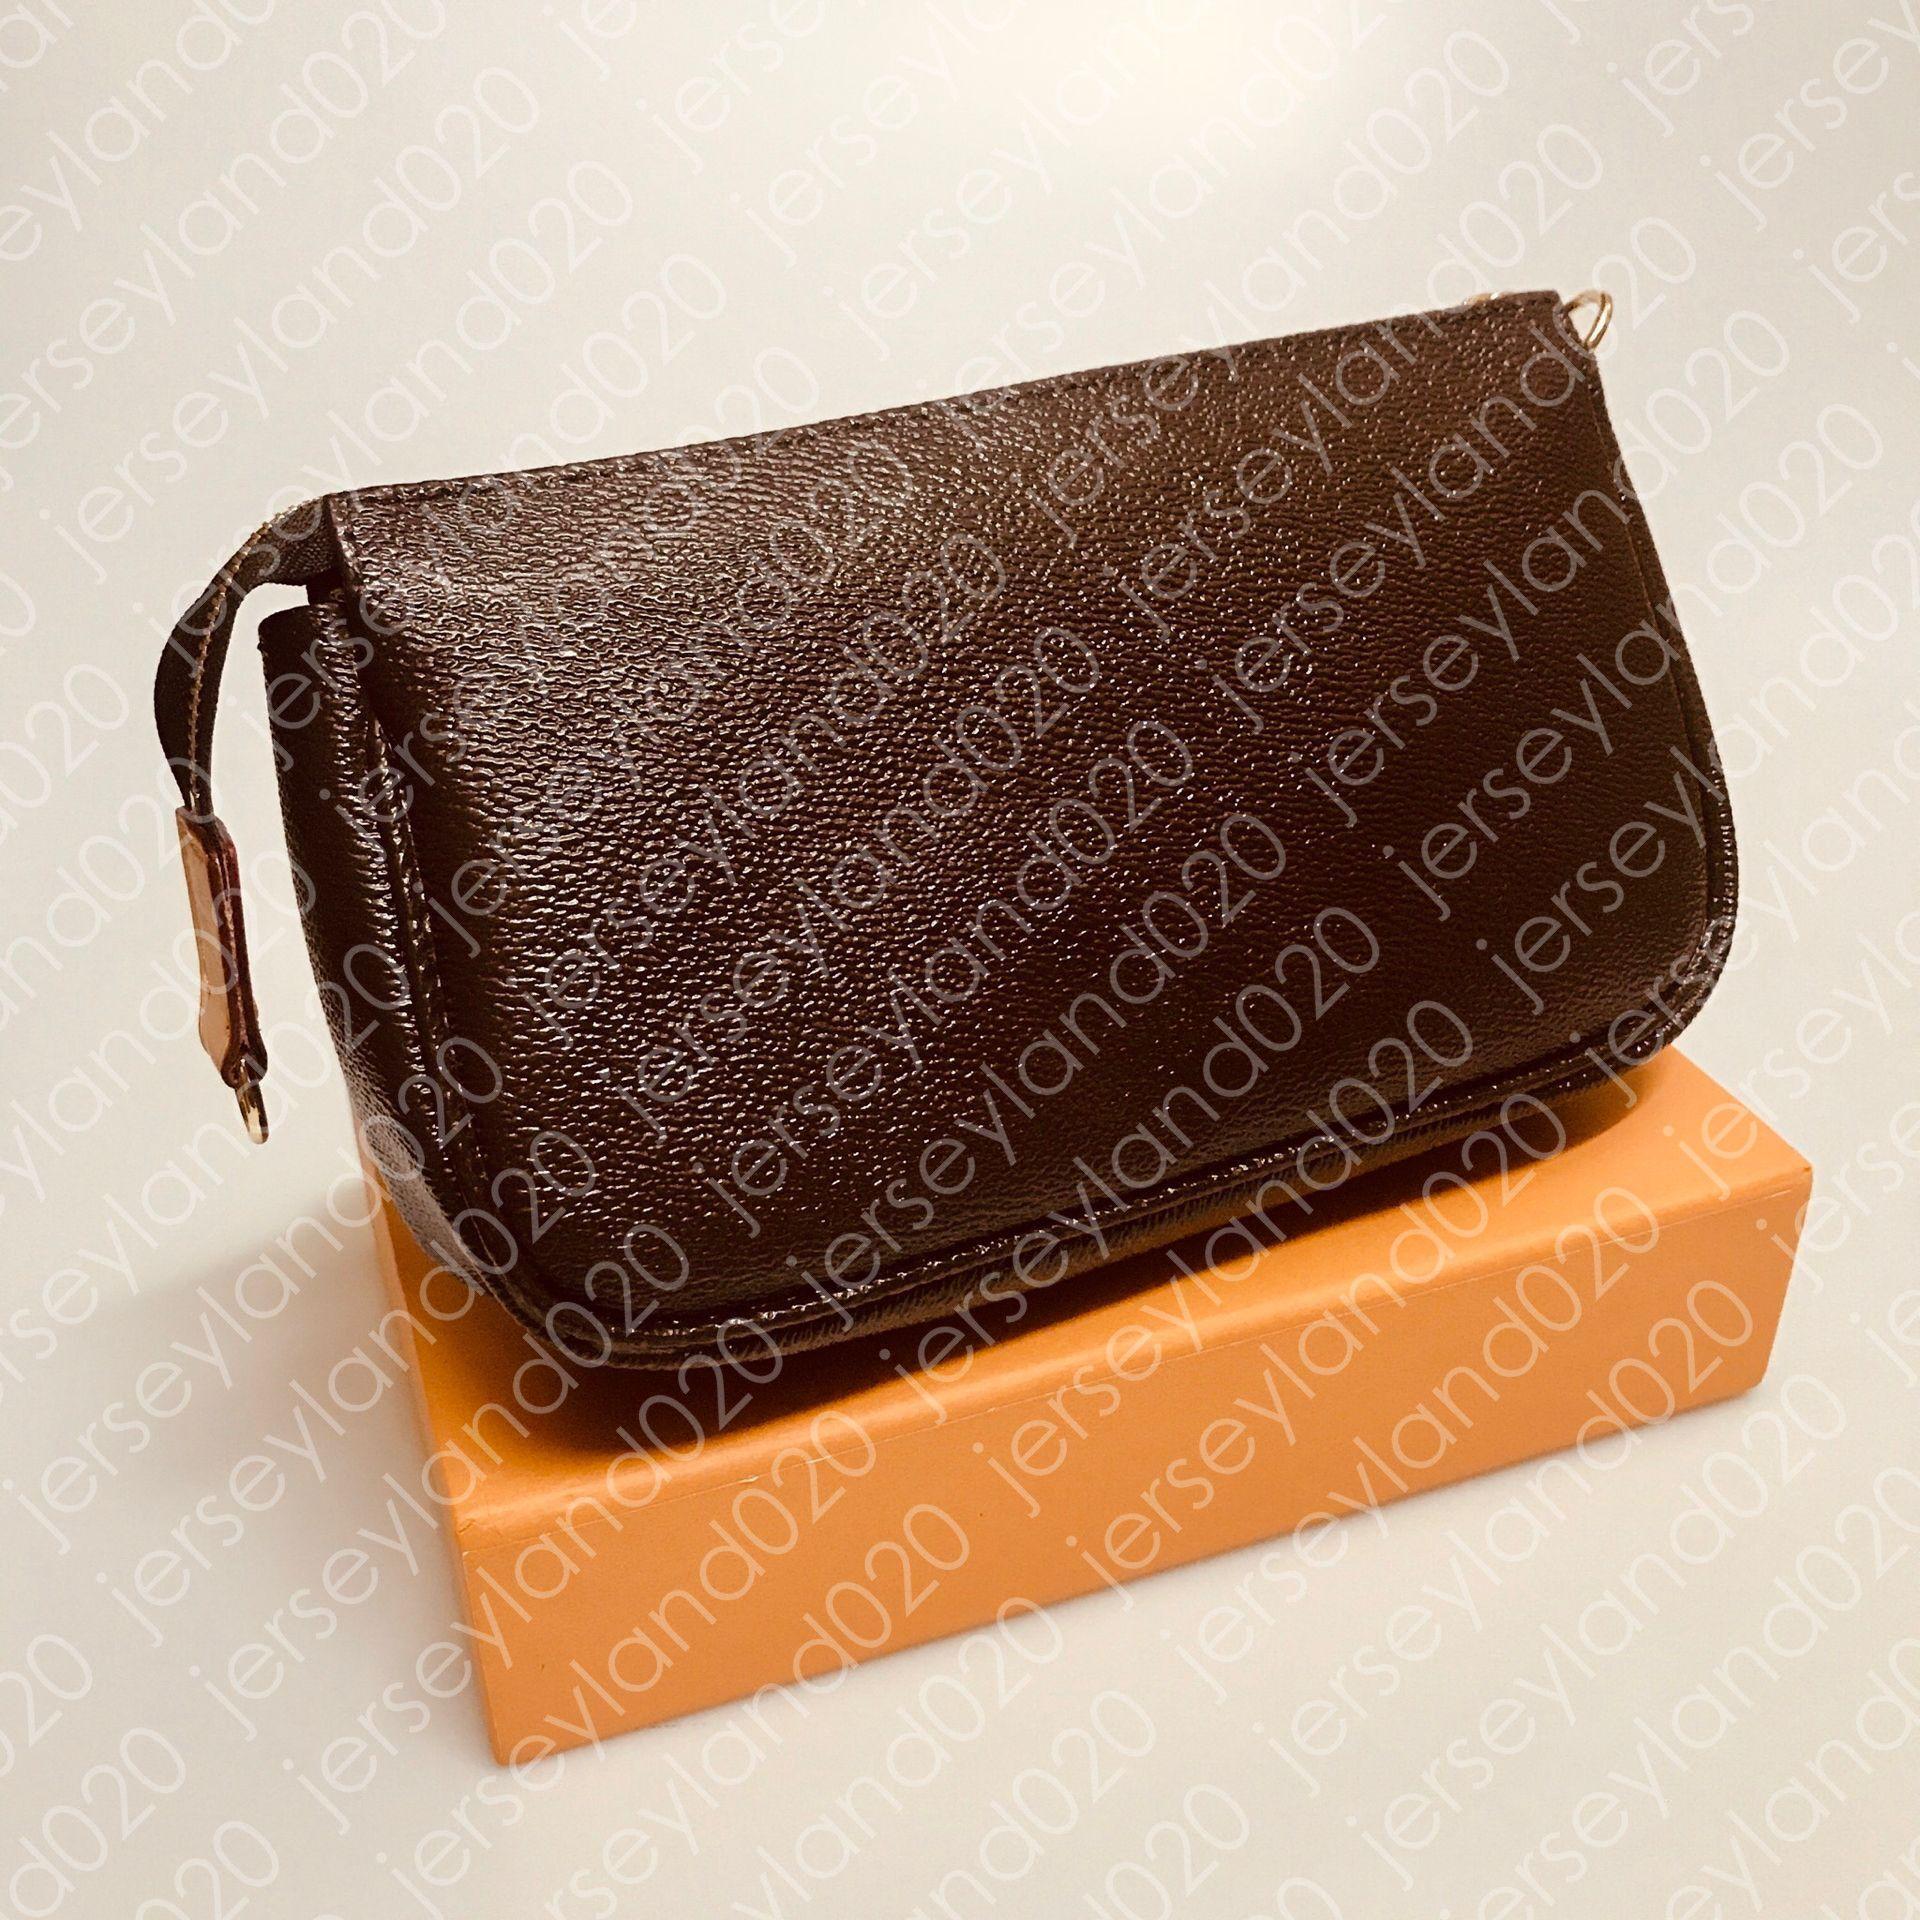 미니 Pochette Accessoires M51980 Womens 디자이너 패션 클러치 저녁 미니 핸드백 가방 작은 럭셔리 어깨 핸드백 전화 지갑 캔버스